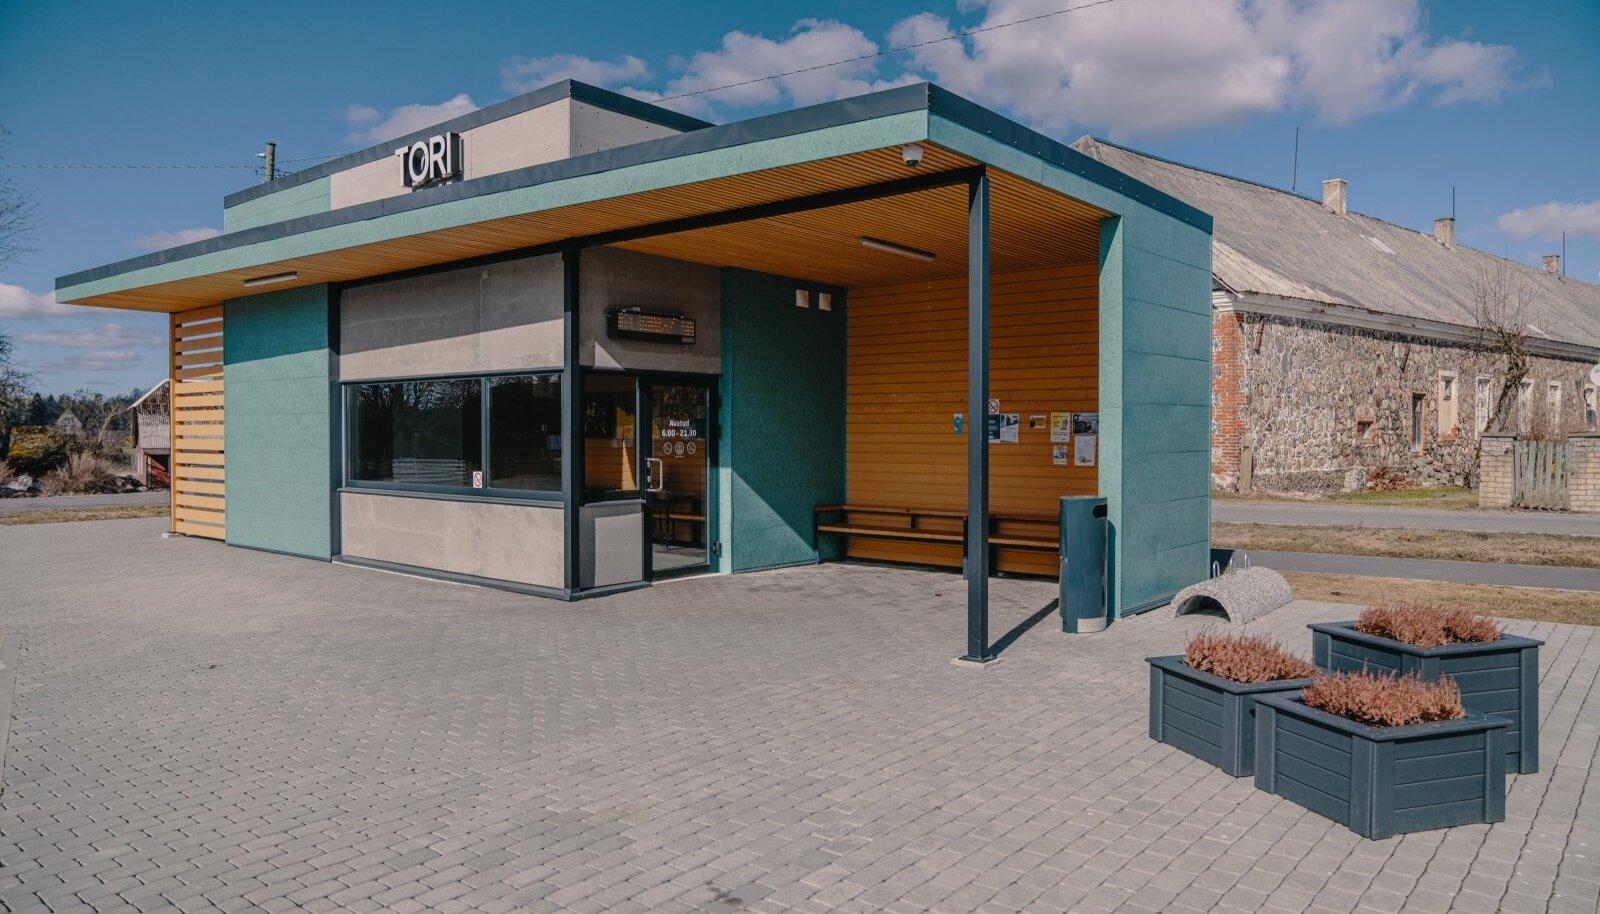 Tori uus bussijaam